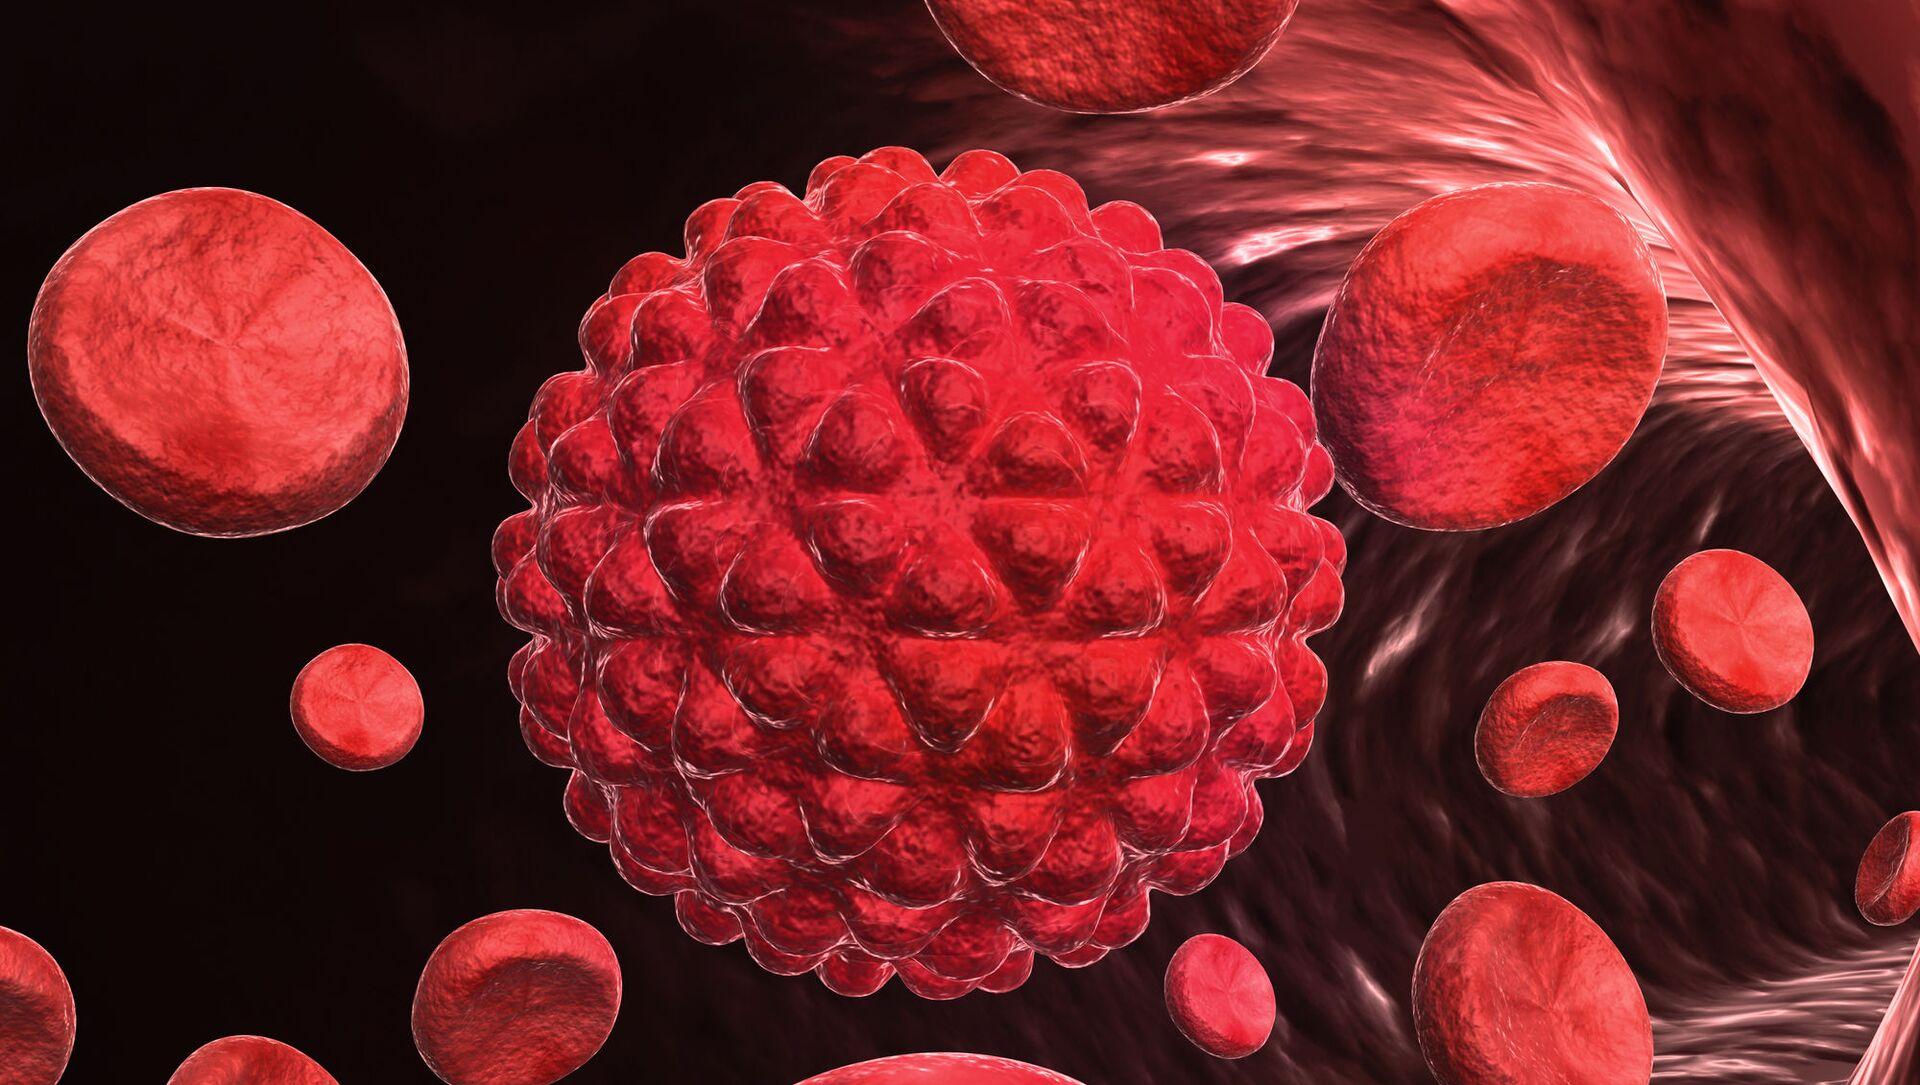 Tế bào ung thư trong cơ thể con người - Sputnik Việt Nam, 1920, 08.06.2021